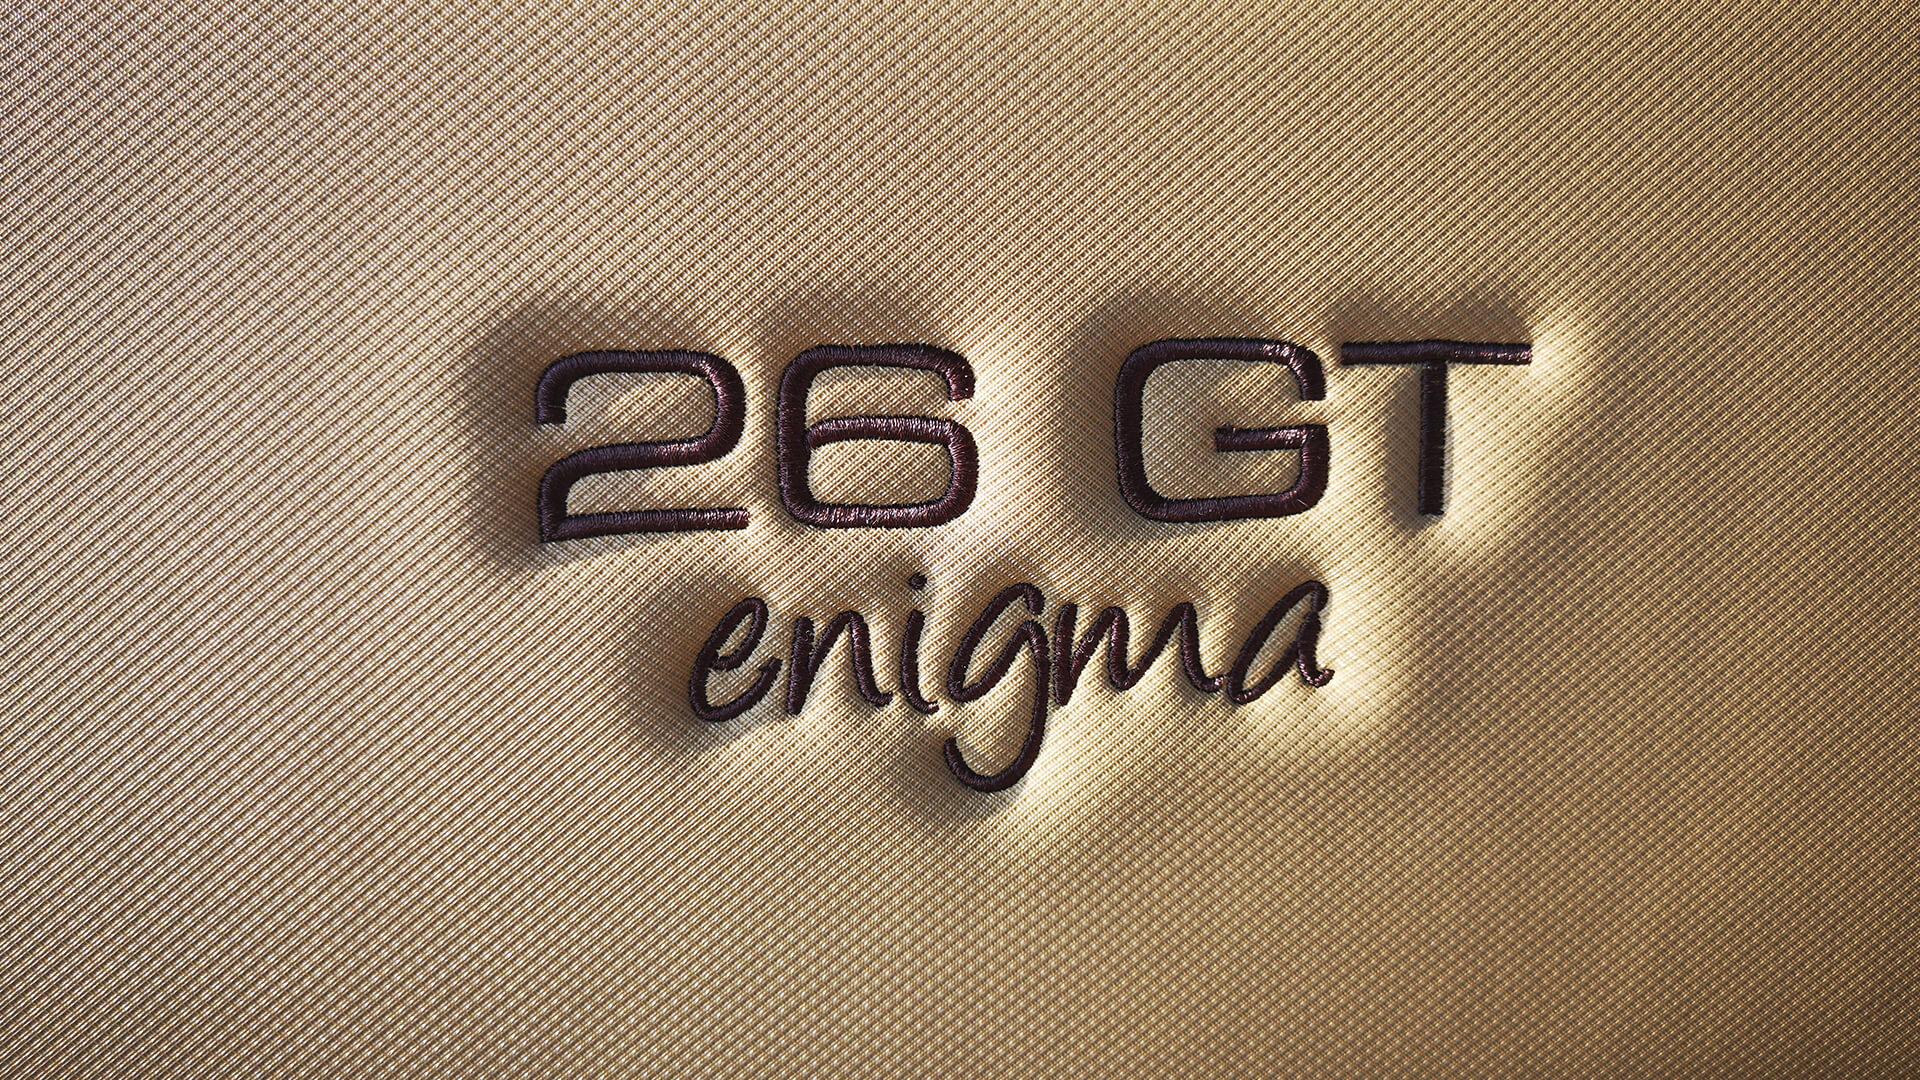 Понтонный катер WATERBUS Enigma GT 26, Понтонный катер WATERBUS Enigma 26 GT, Понтонный катер WATERBUS, Понтонный катер Enigma, Понтонный катер, Понтон, Катамаран, WATERBUS, понтонный катер, понтон алюминиевый